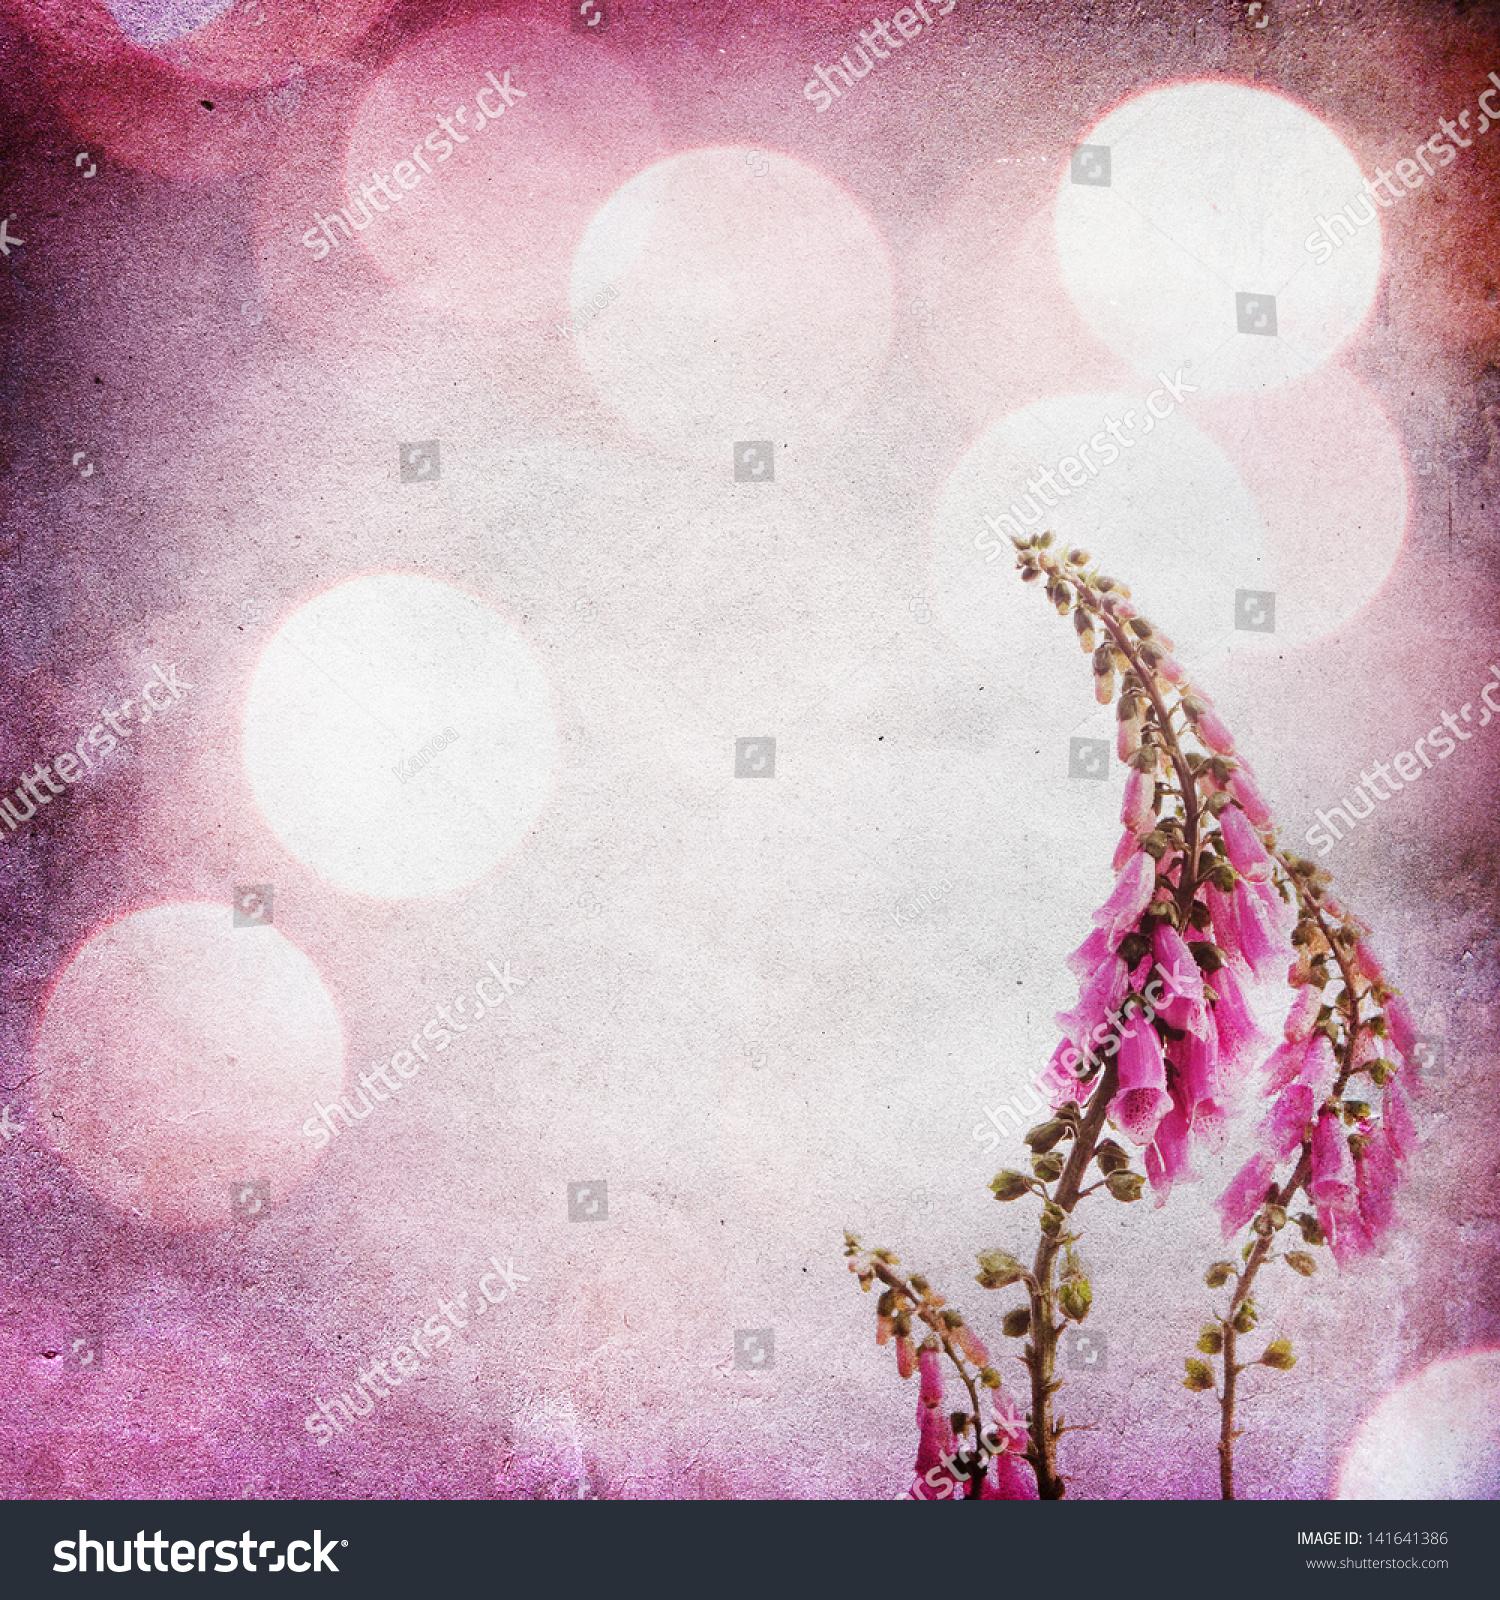 老式破旧的背景与紫色的花-背景/素材,复古风格-海洛